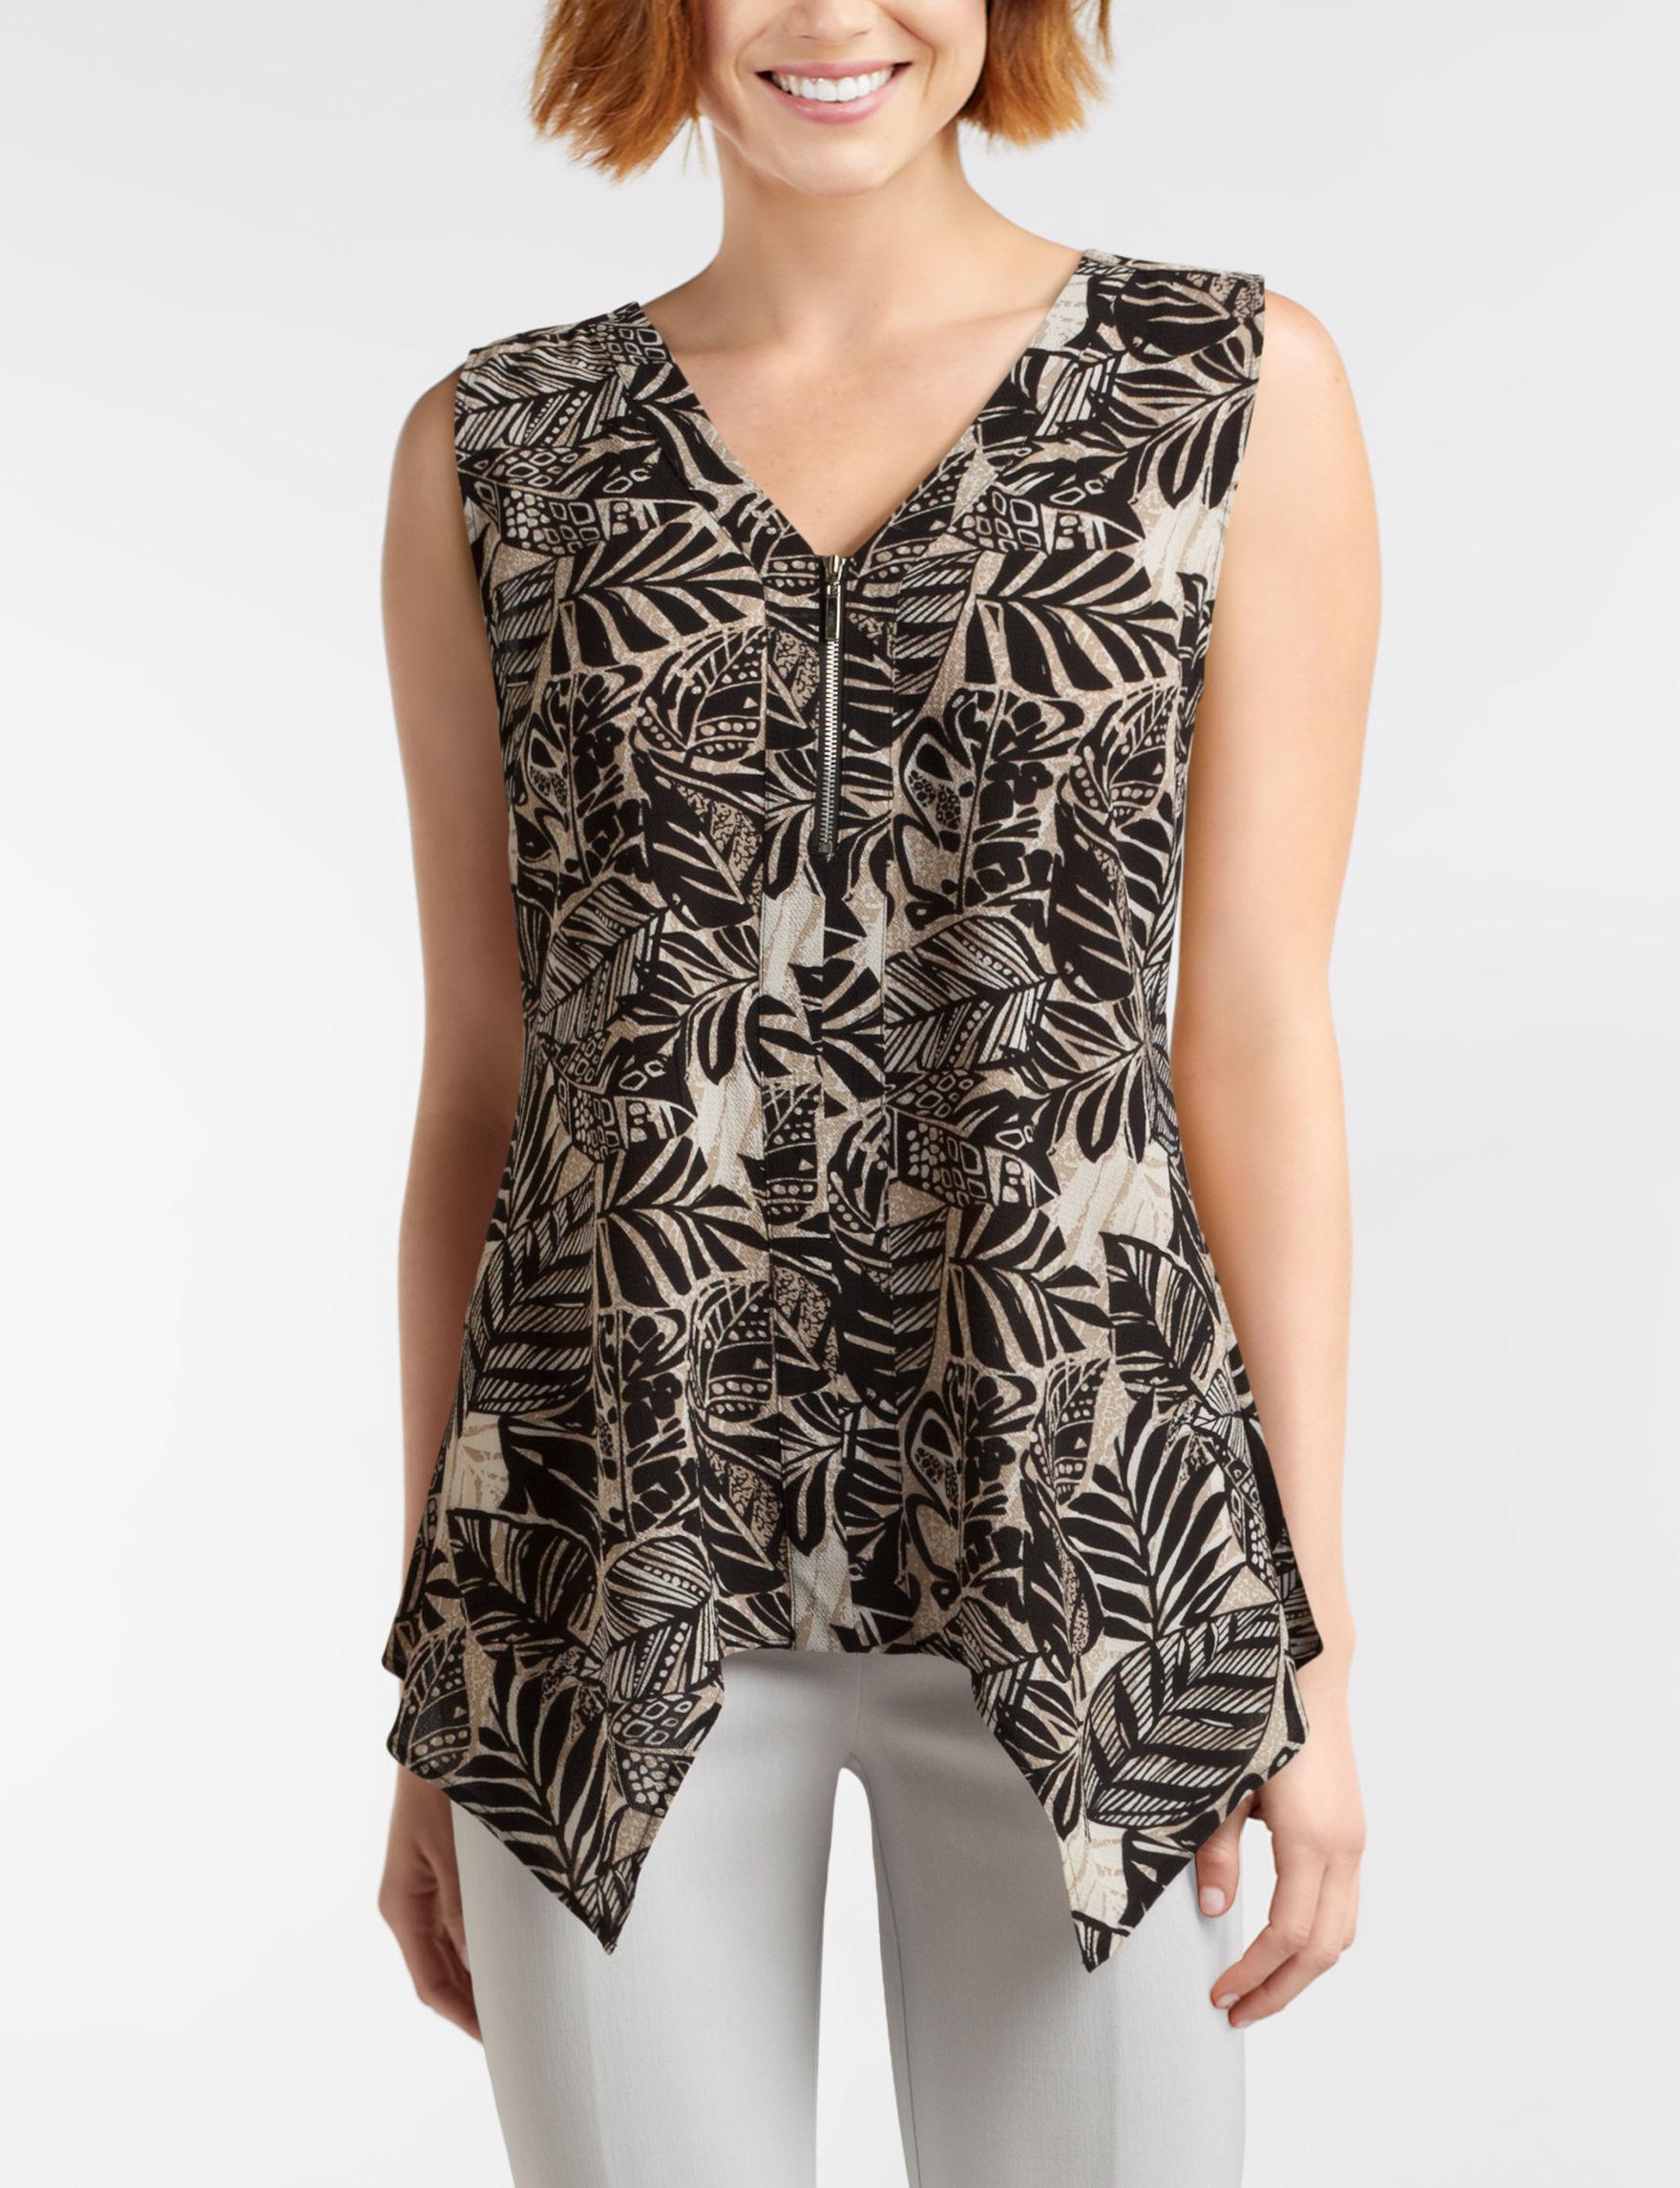 Valerie Stevens Beige / Black Shirts & Blouses